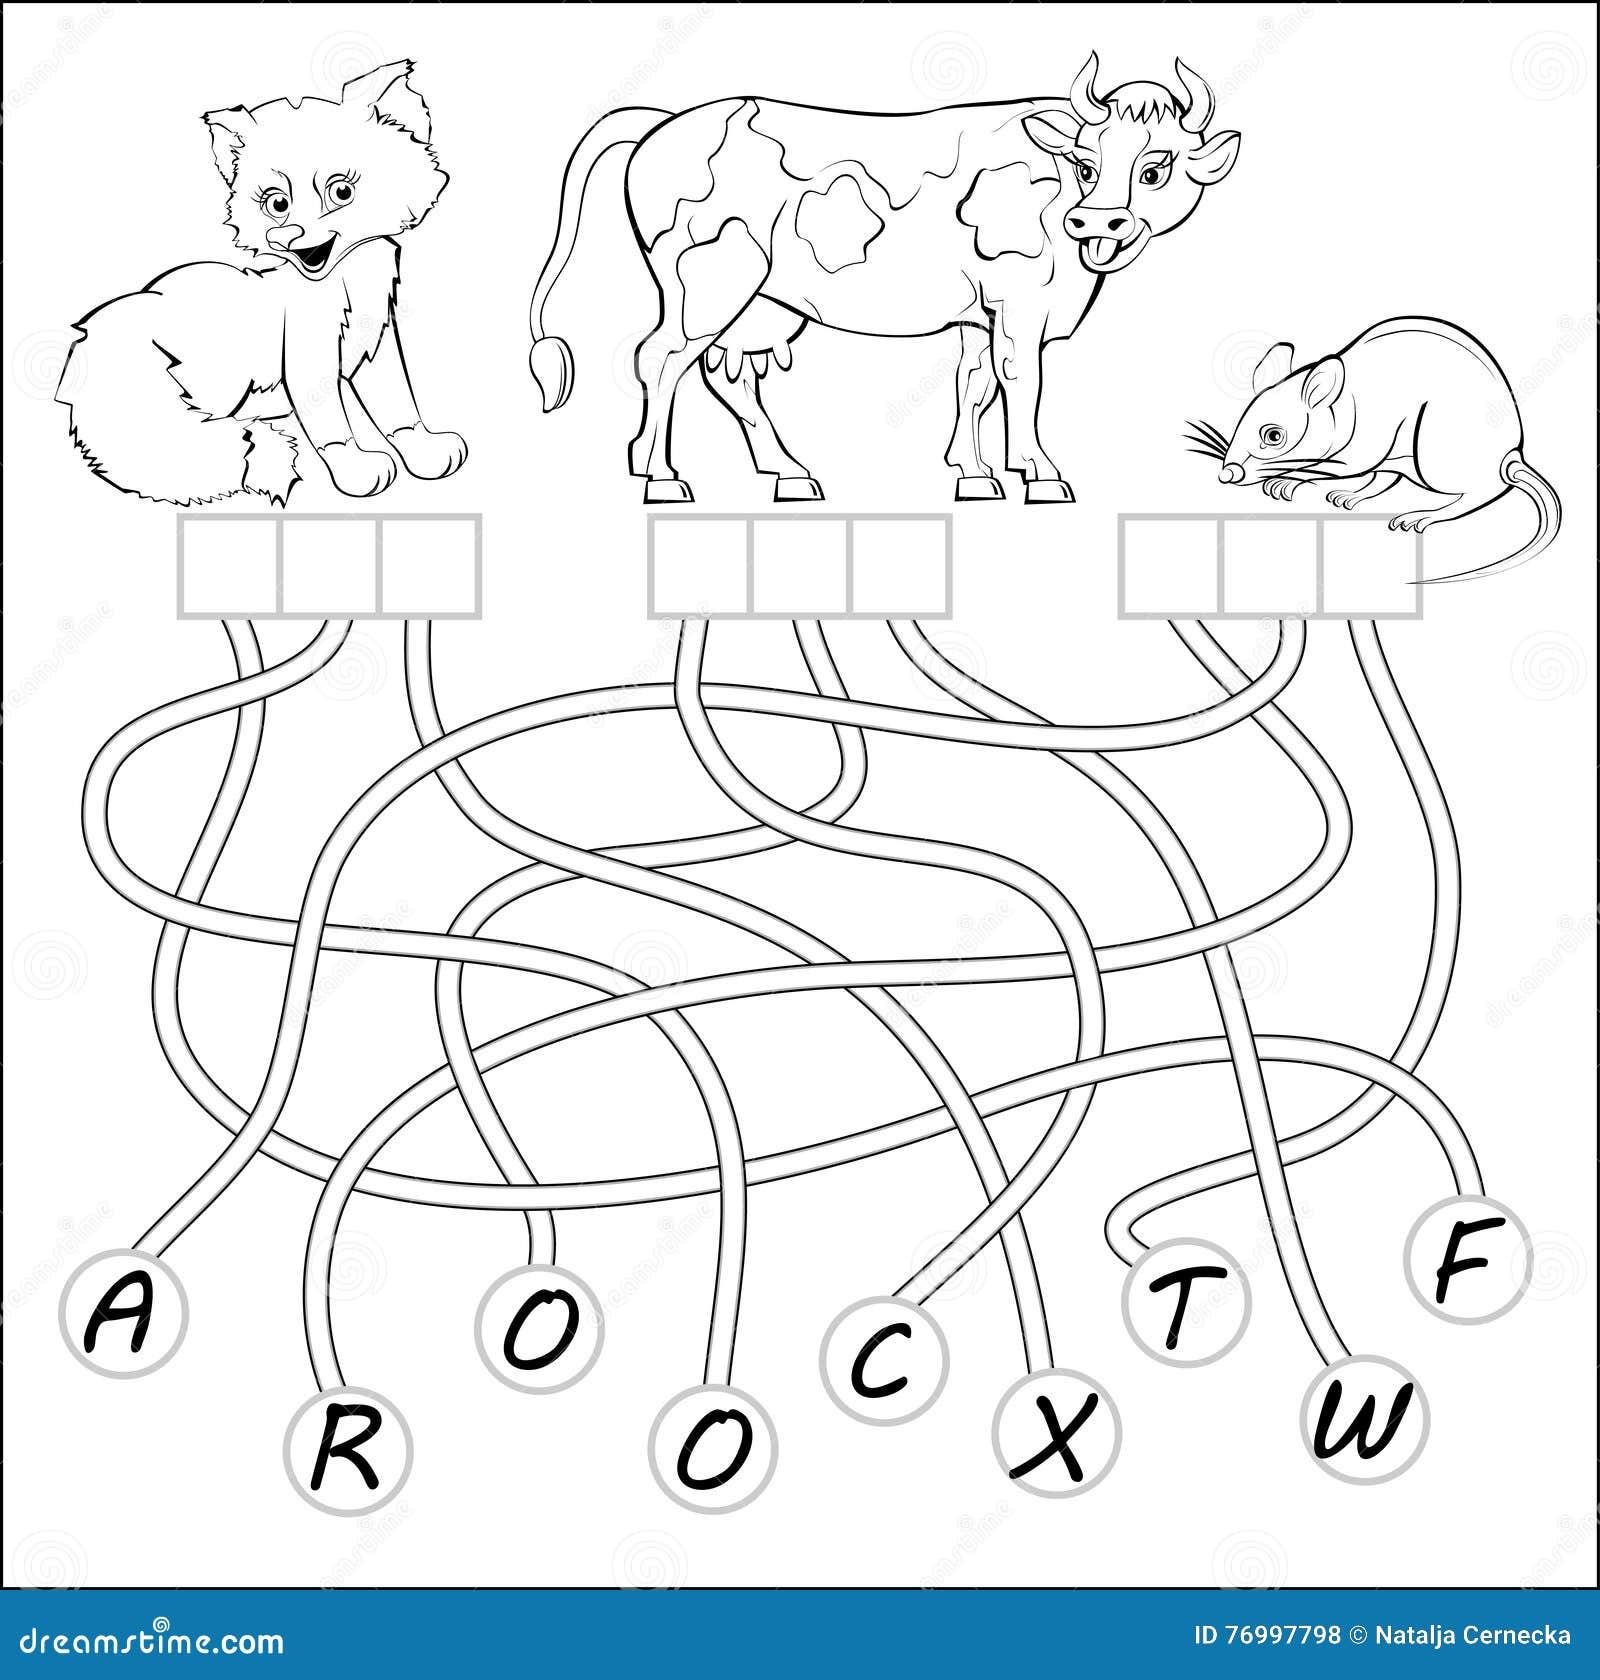 Pädagogische Seite Für Kinder Mit Übungen Für Studie Englischwörter ...